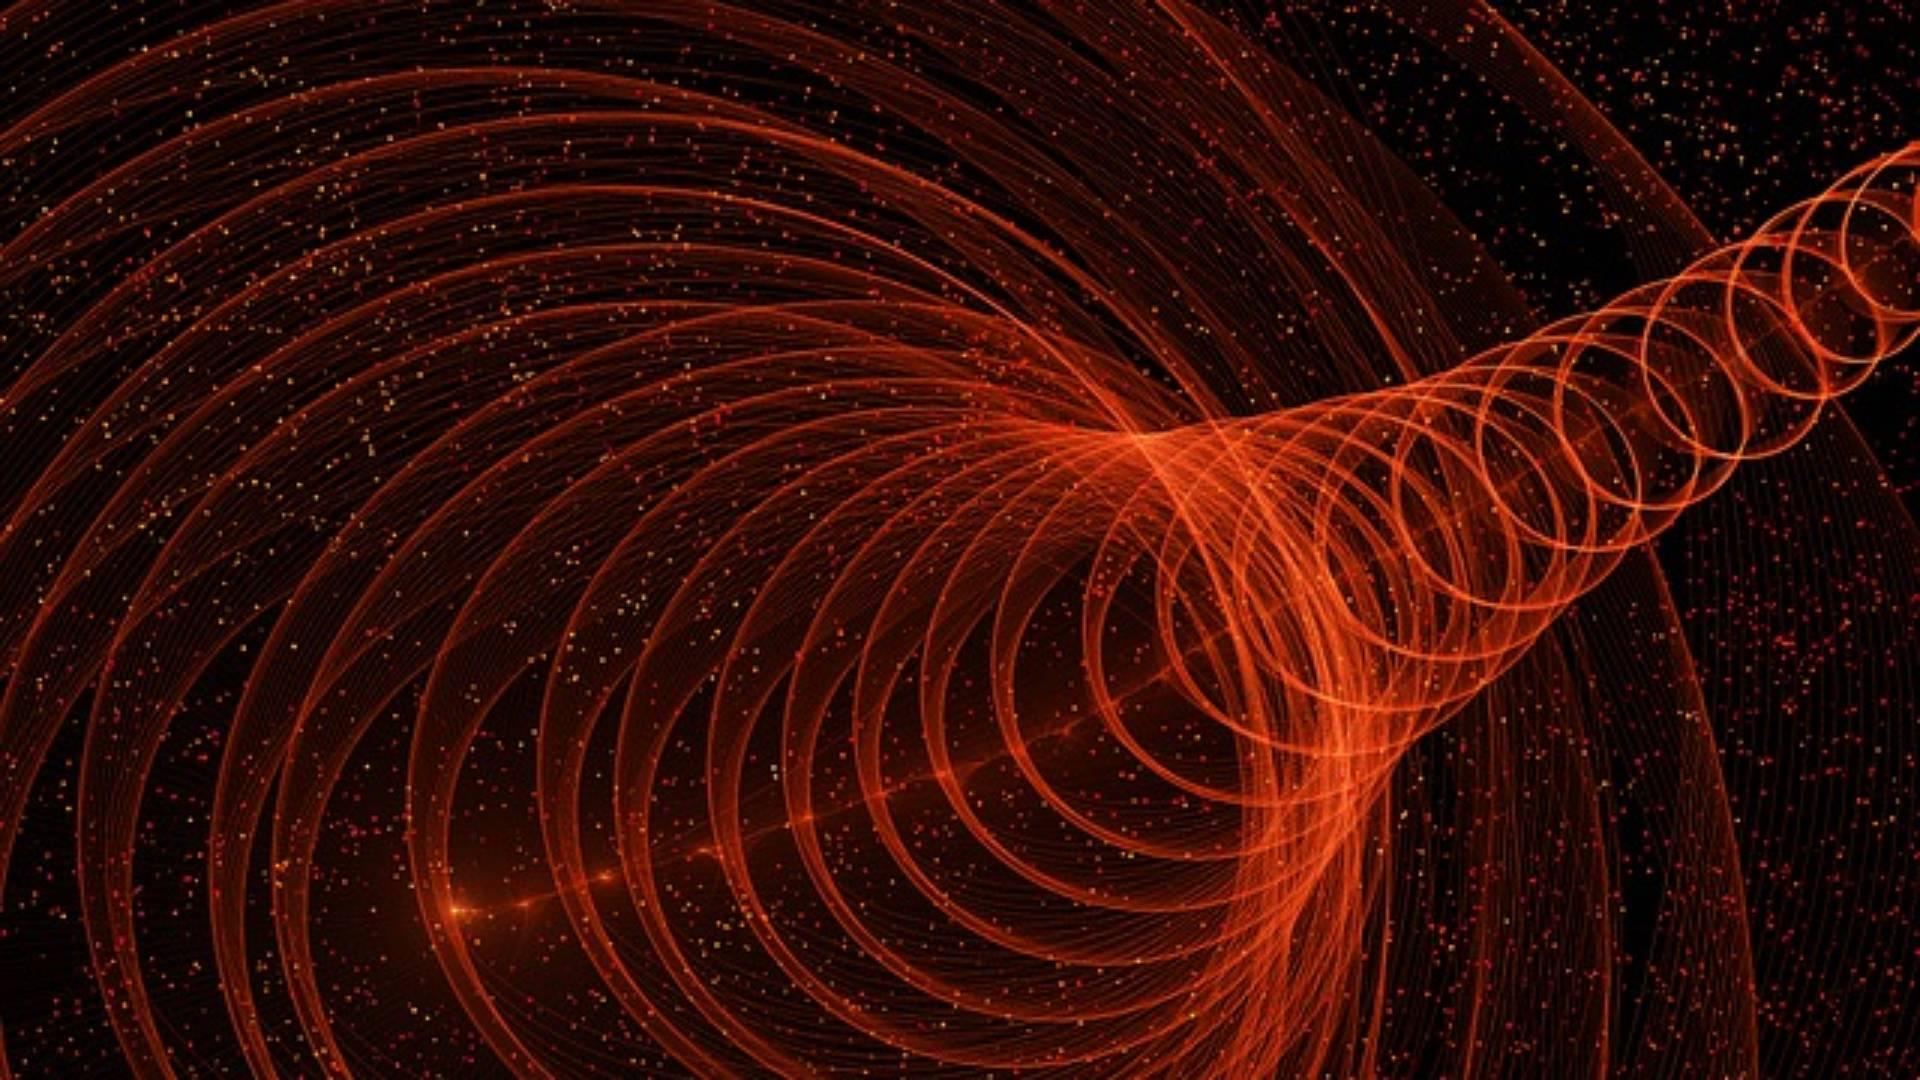 Quantenphysik - Was ist das? Eine Definition